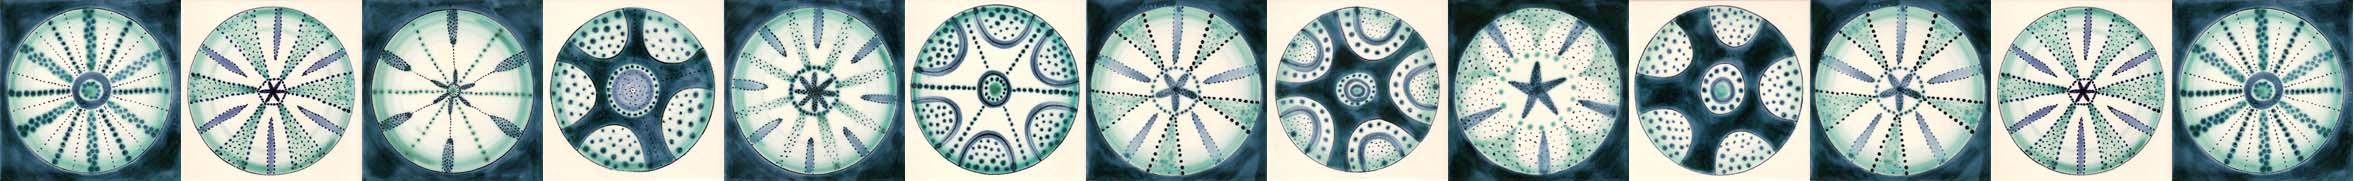 Seaurchin tiles